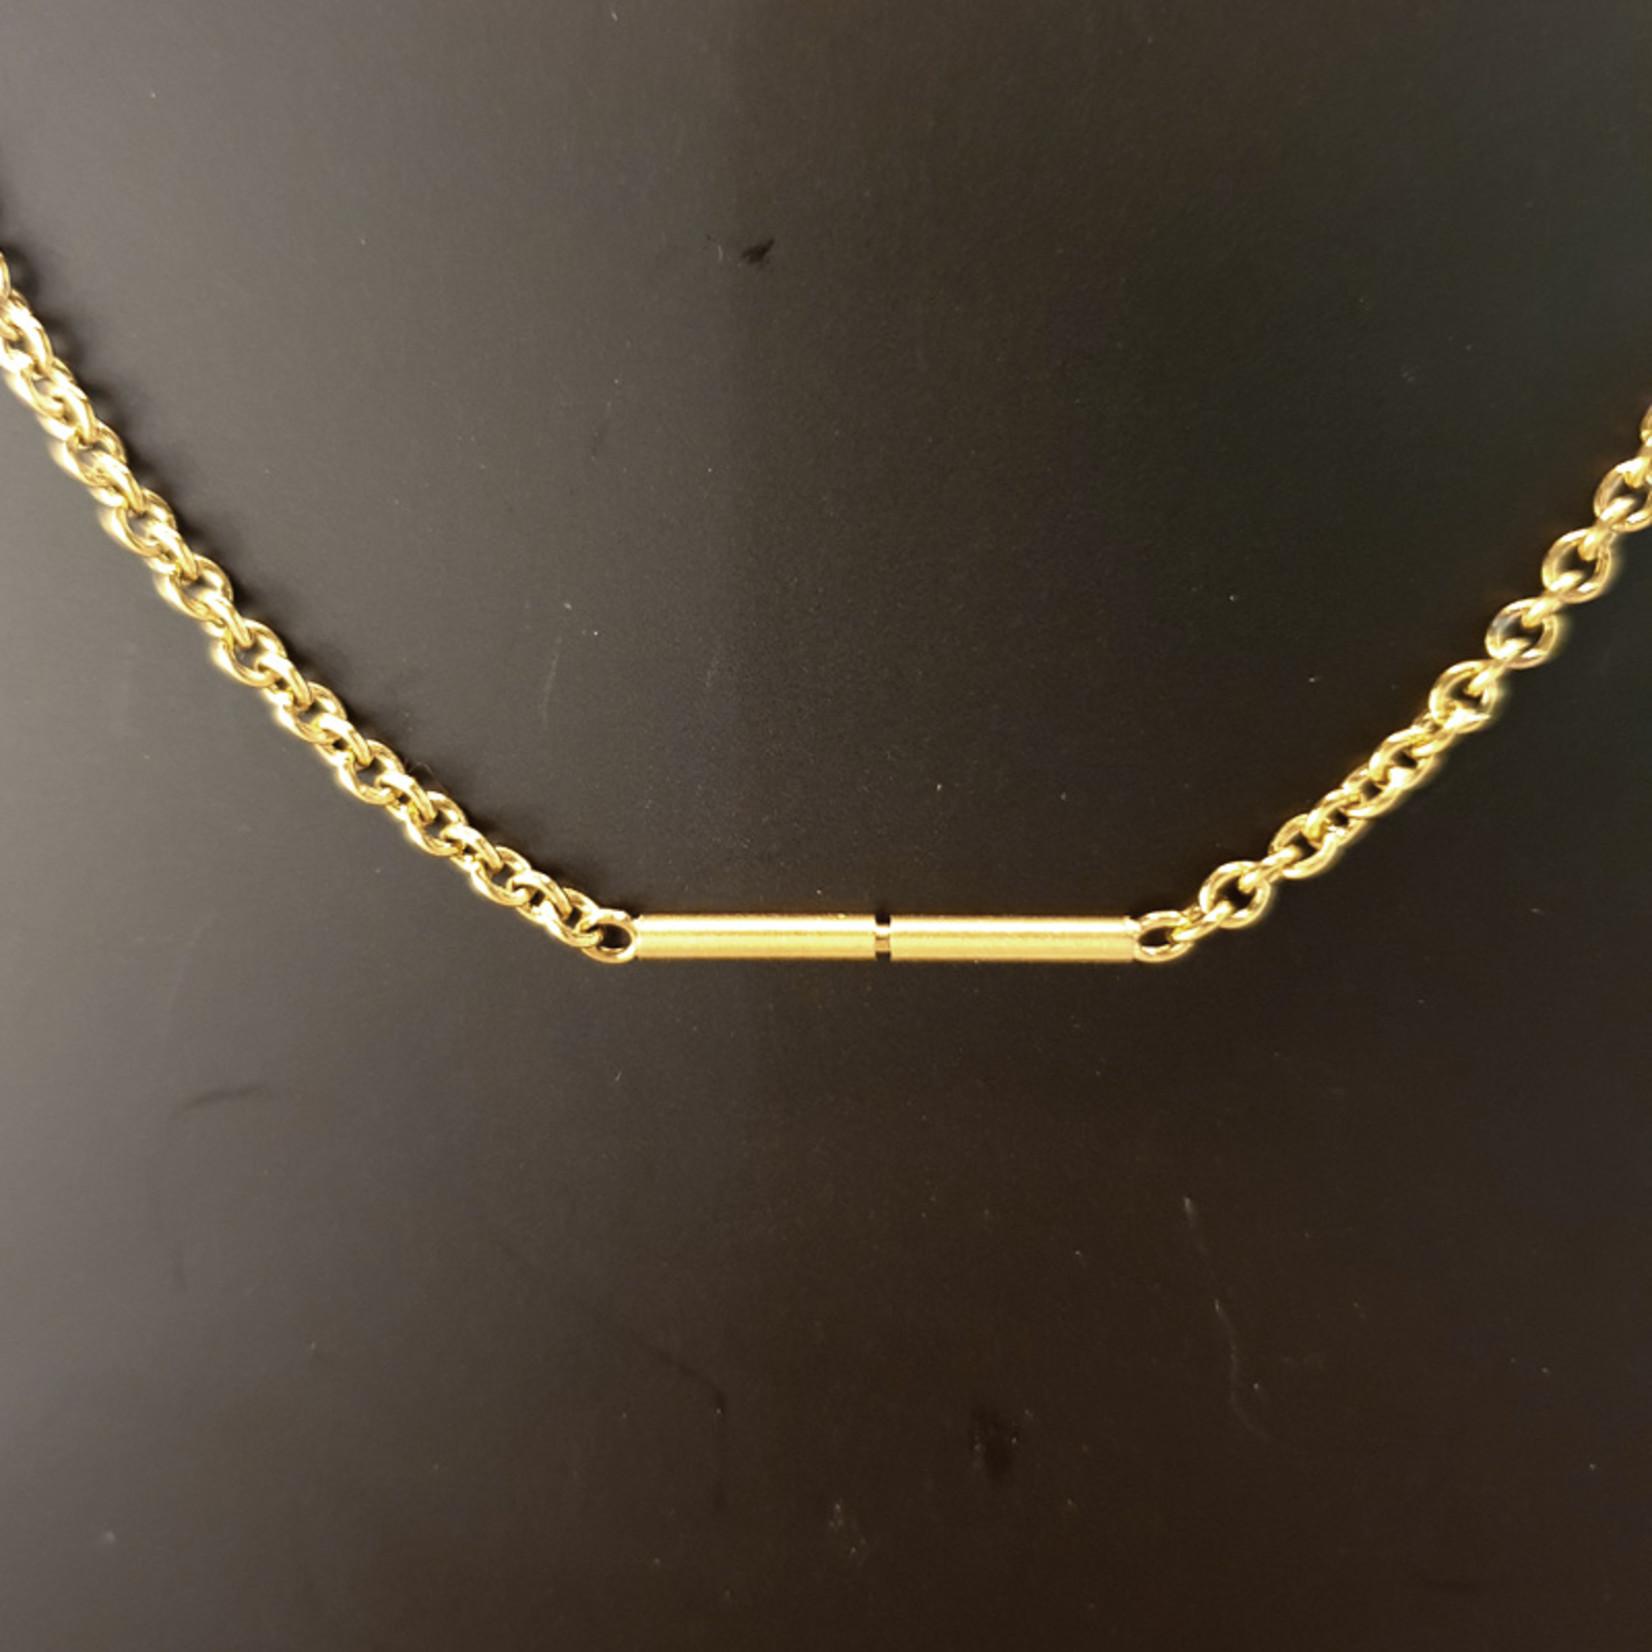 Ernstes Design Stahlschmuck Kette AK13, 45 cm I Ernstes Design I Edelstahl gelbgold I Ankerkette